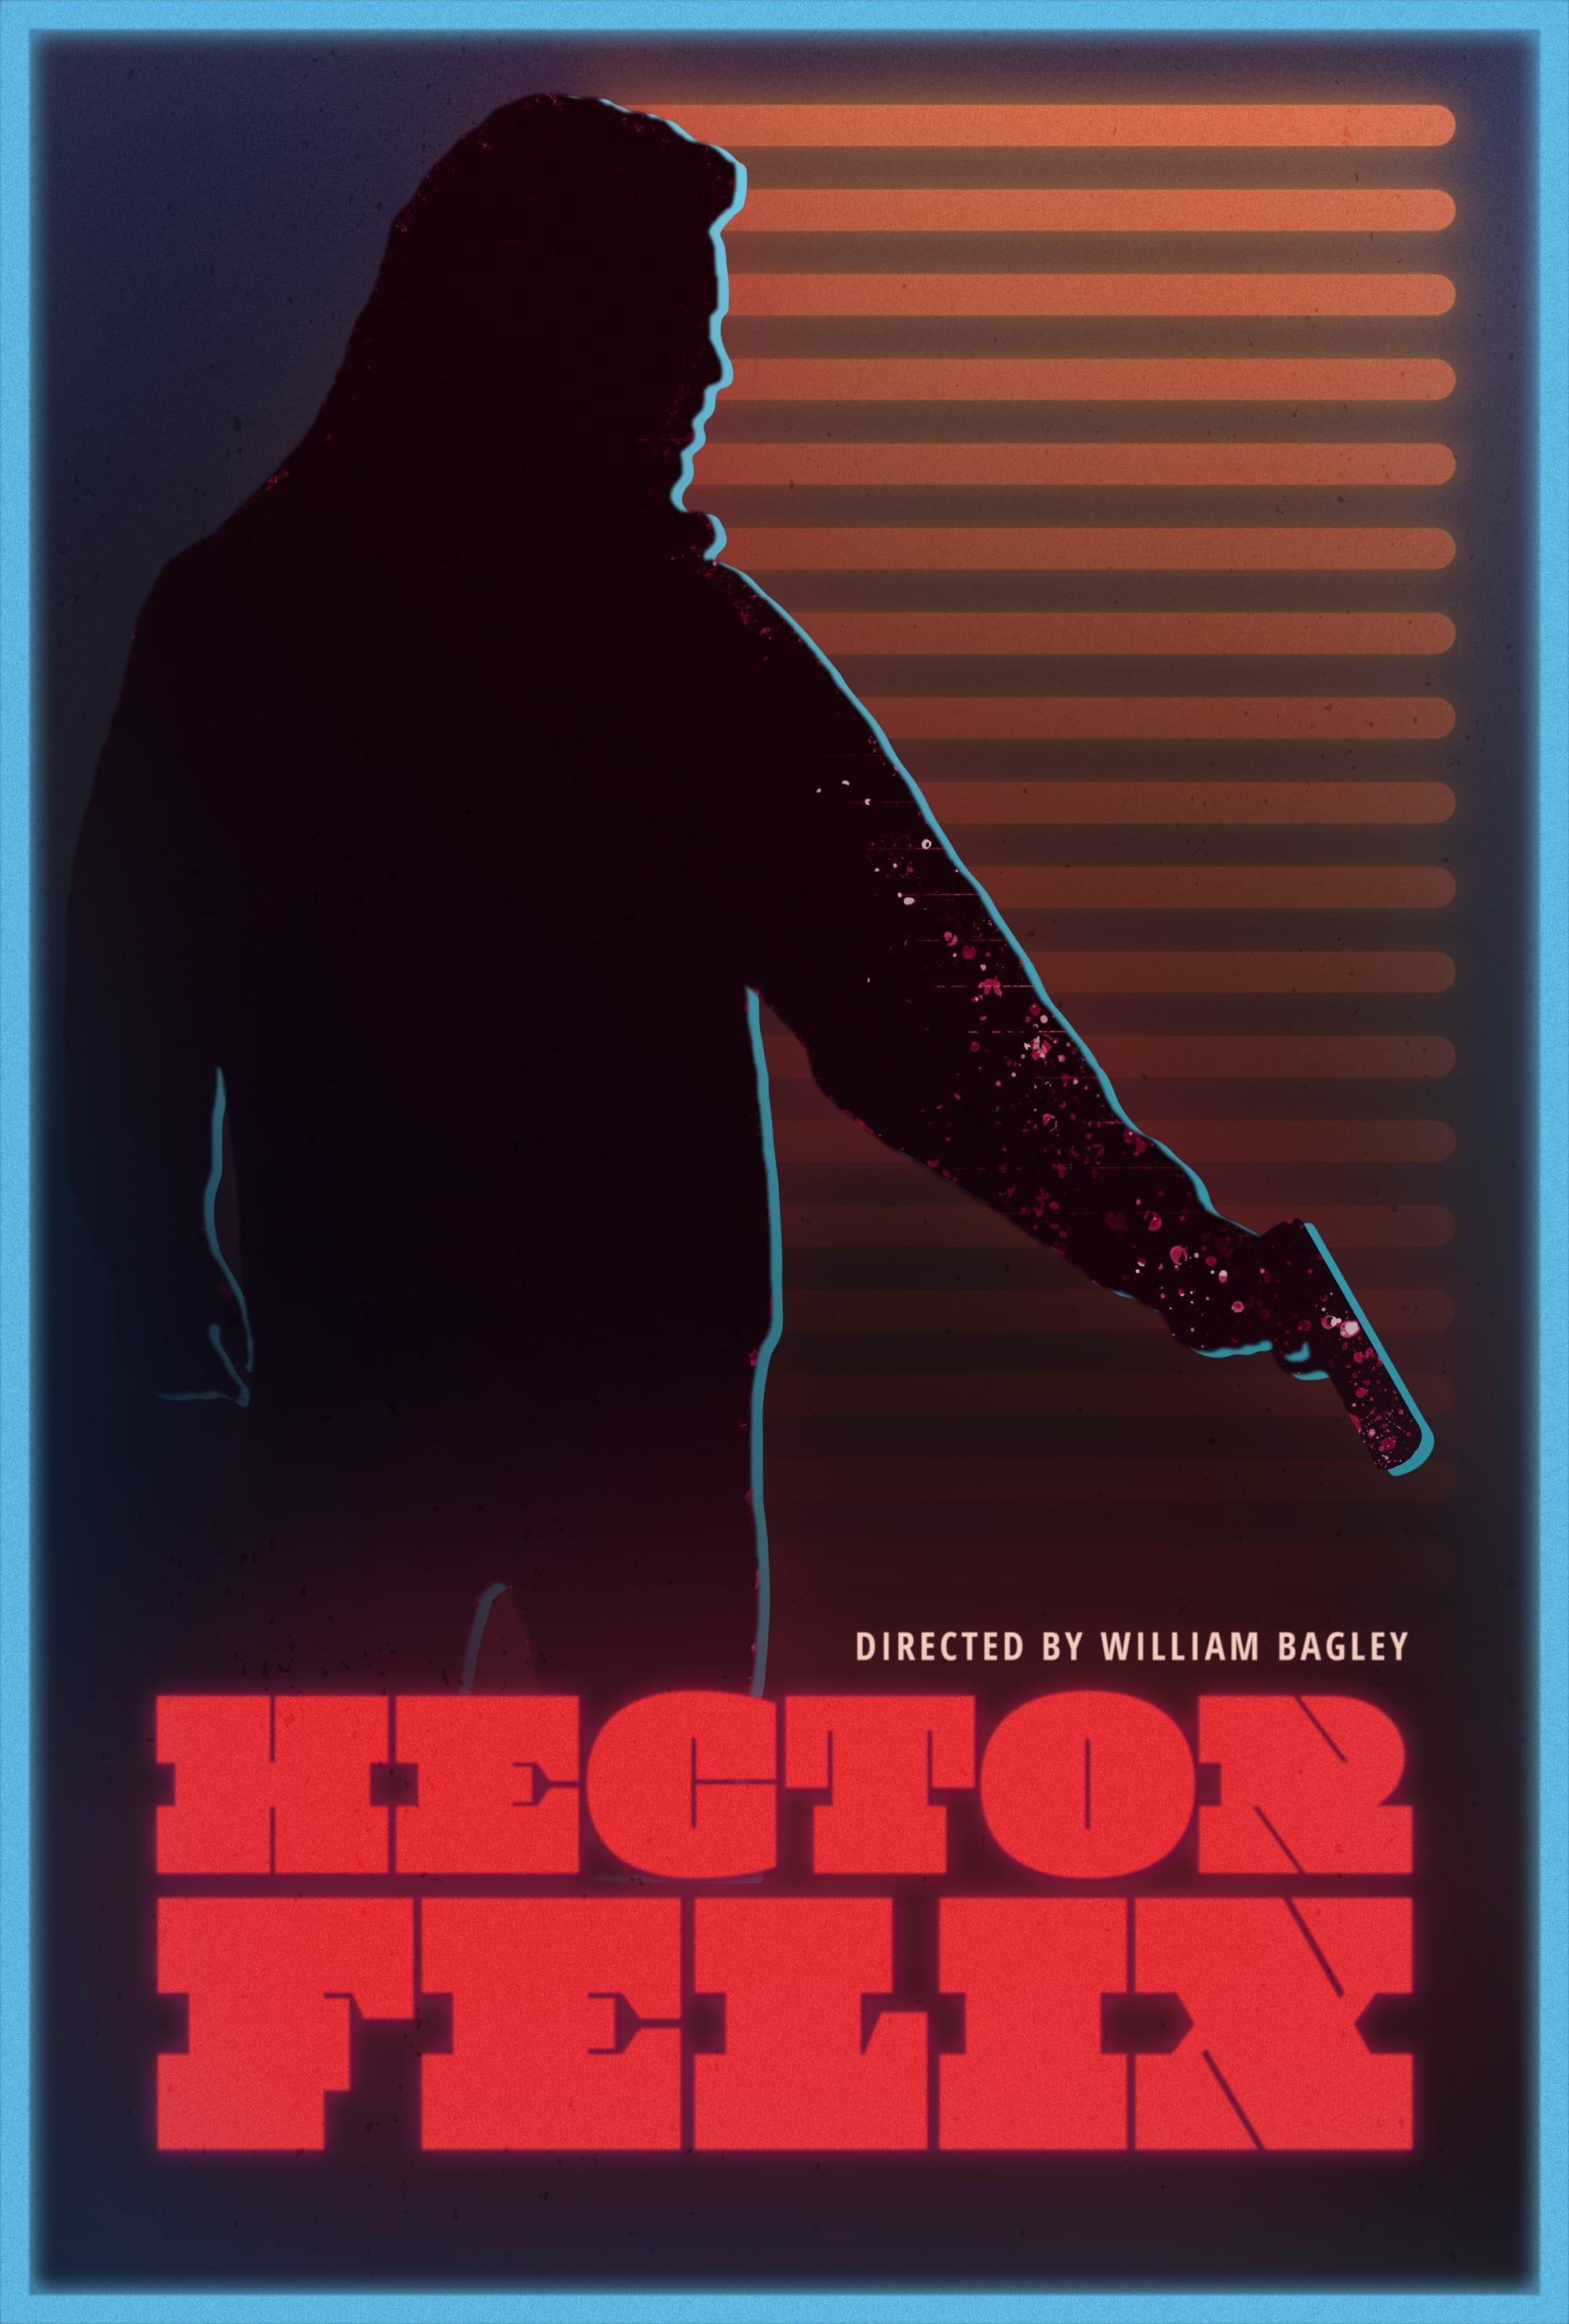 Hector Felix film poster design